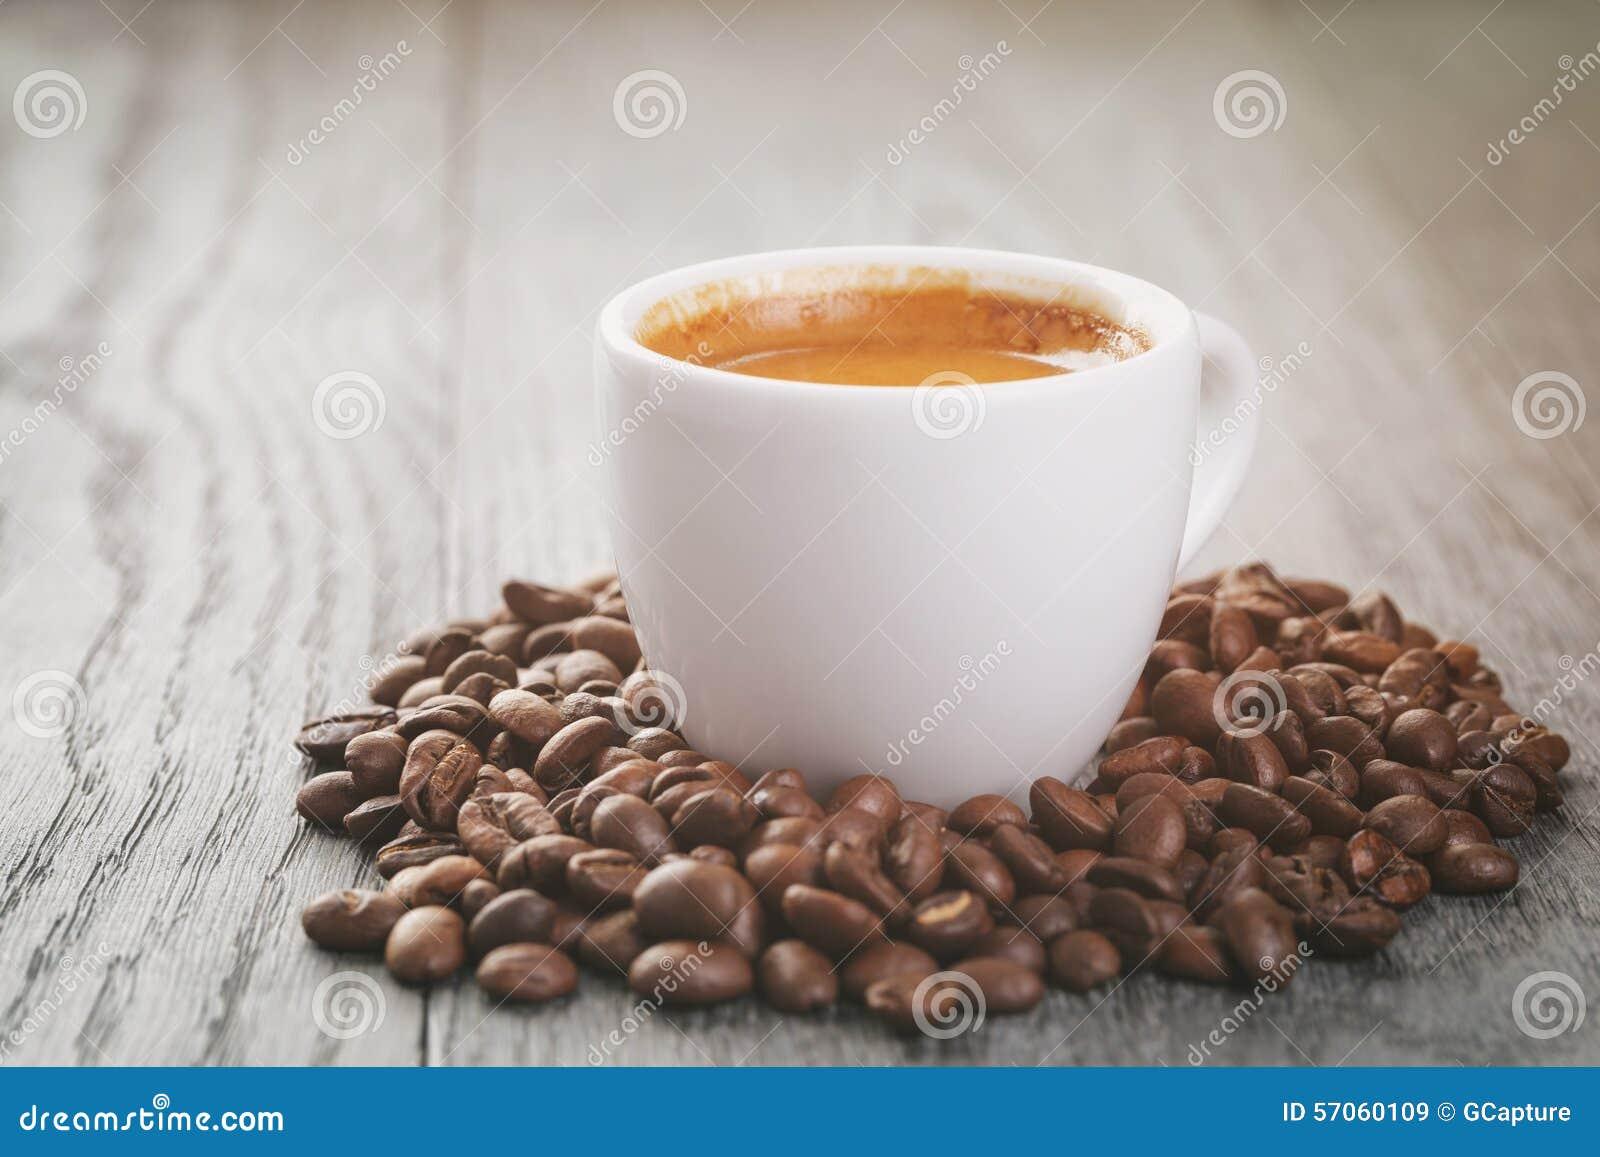 Espresso met koffiebonen op eiken lijst